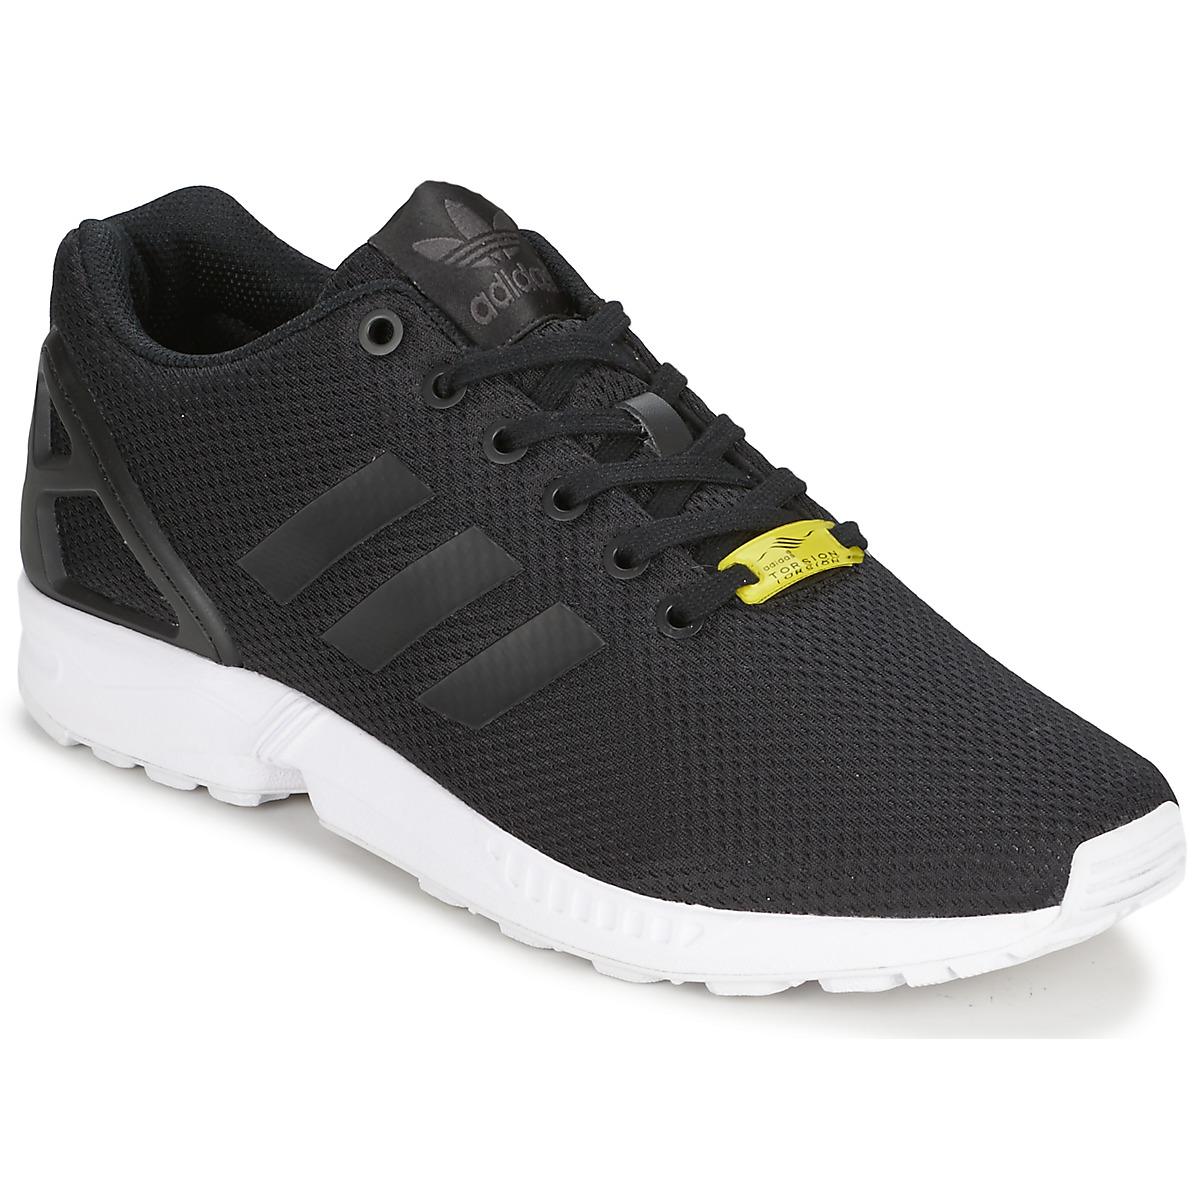 002d7267c5188 adidas Originals ZX FLUX Negro   Blanco - Envío gratis con Spartoo.es ! -  Zapatos Deportivas bajas 66